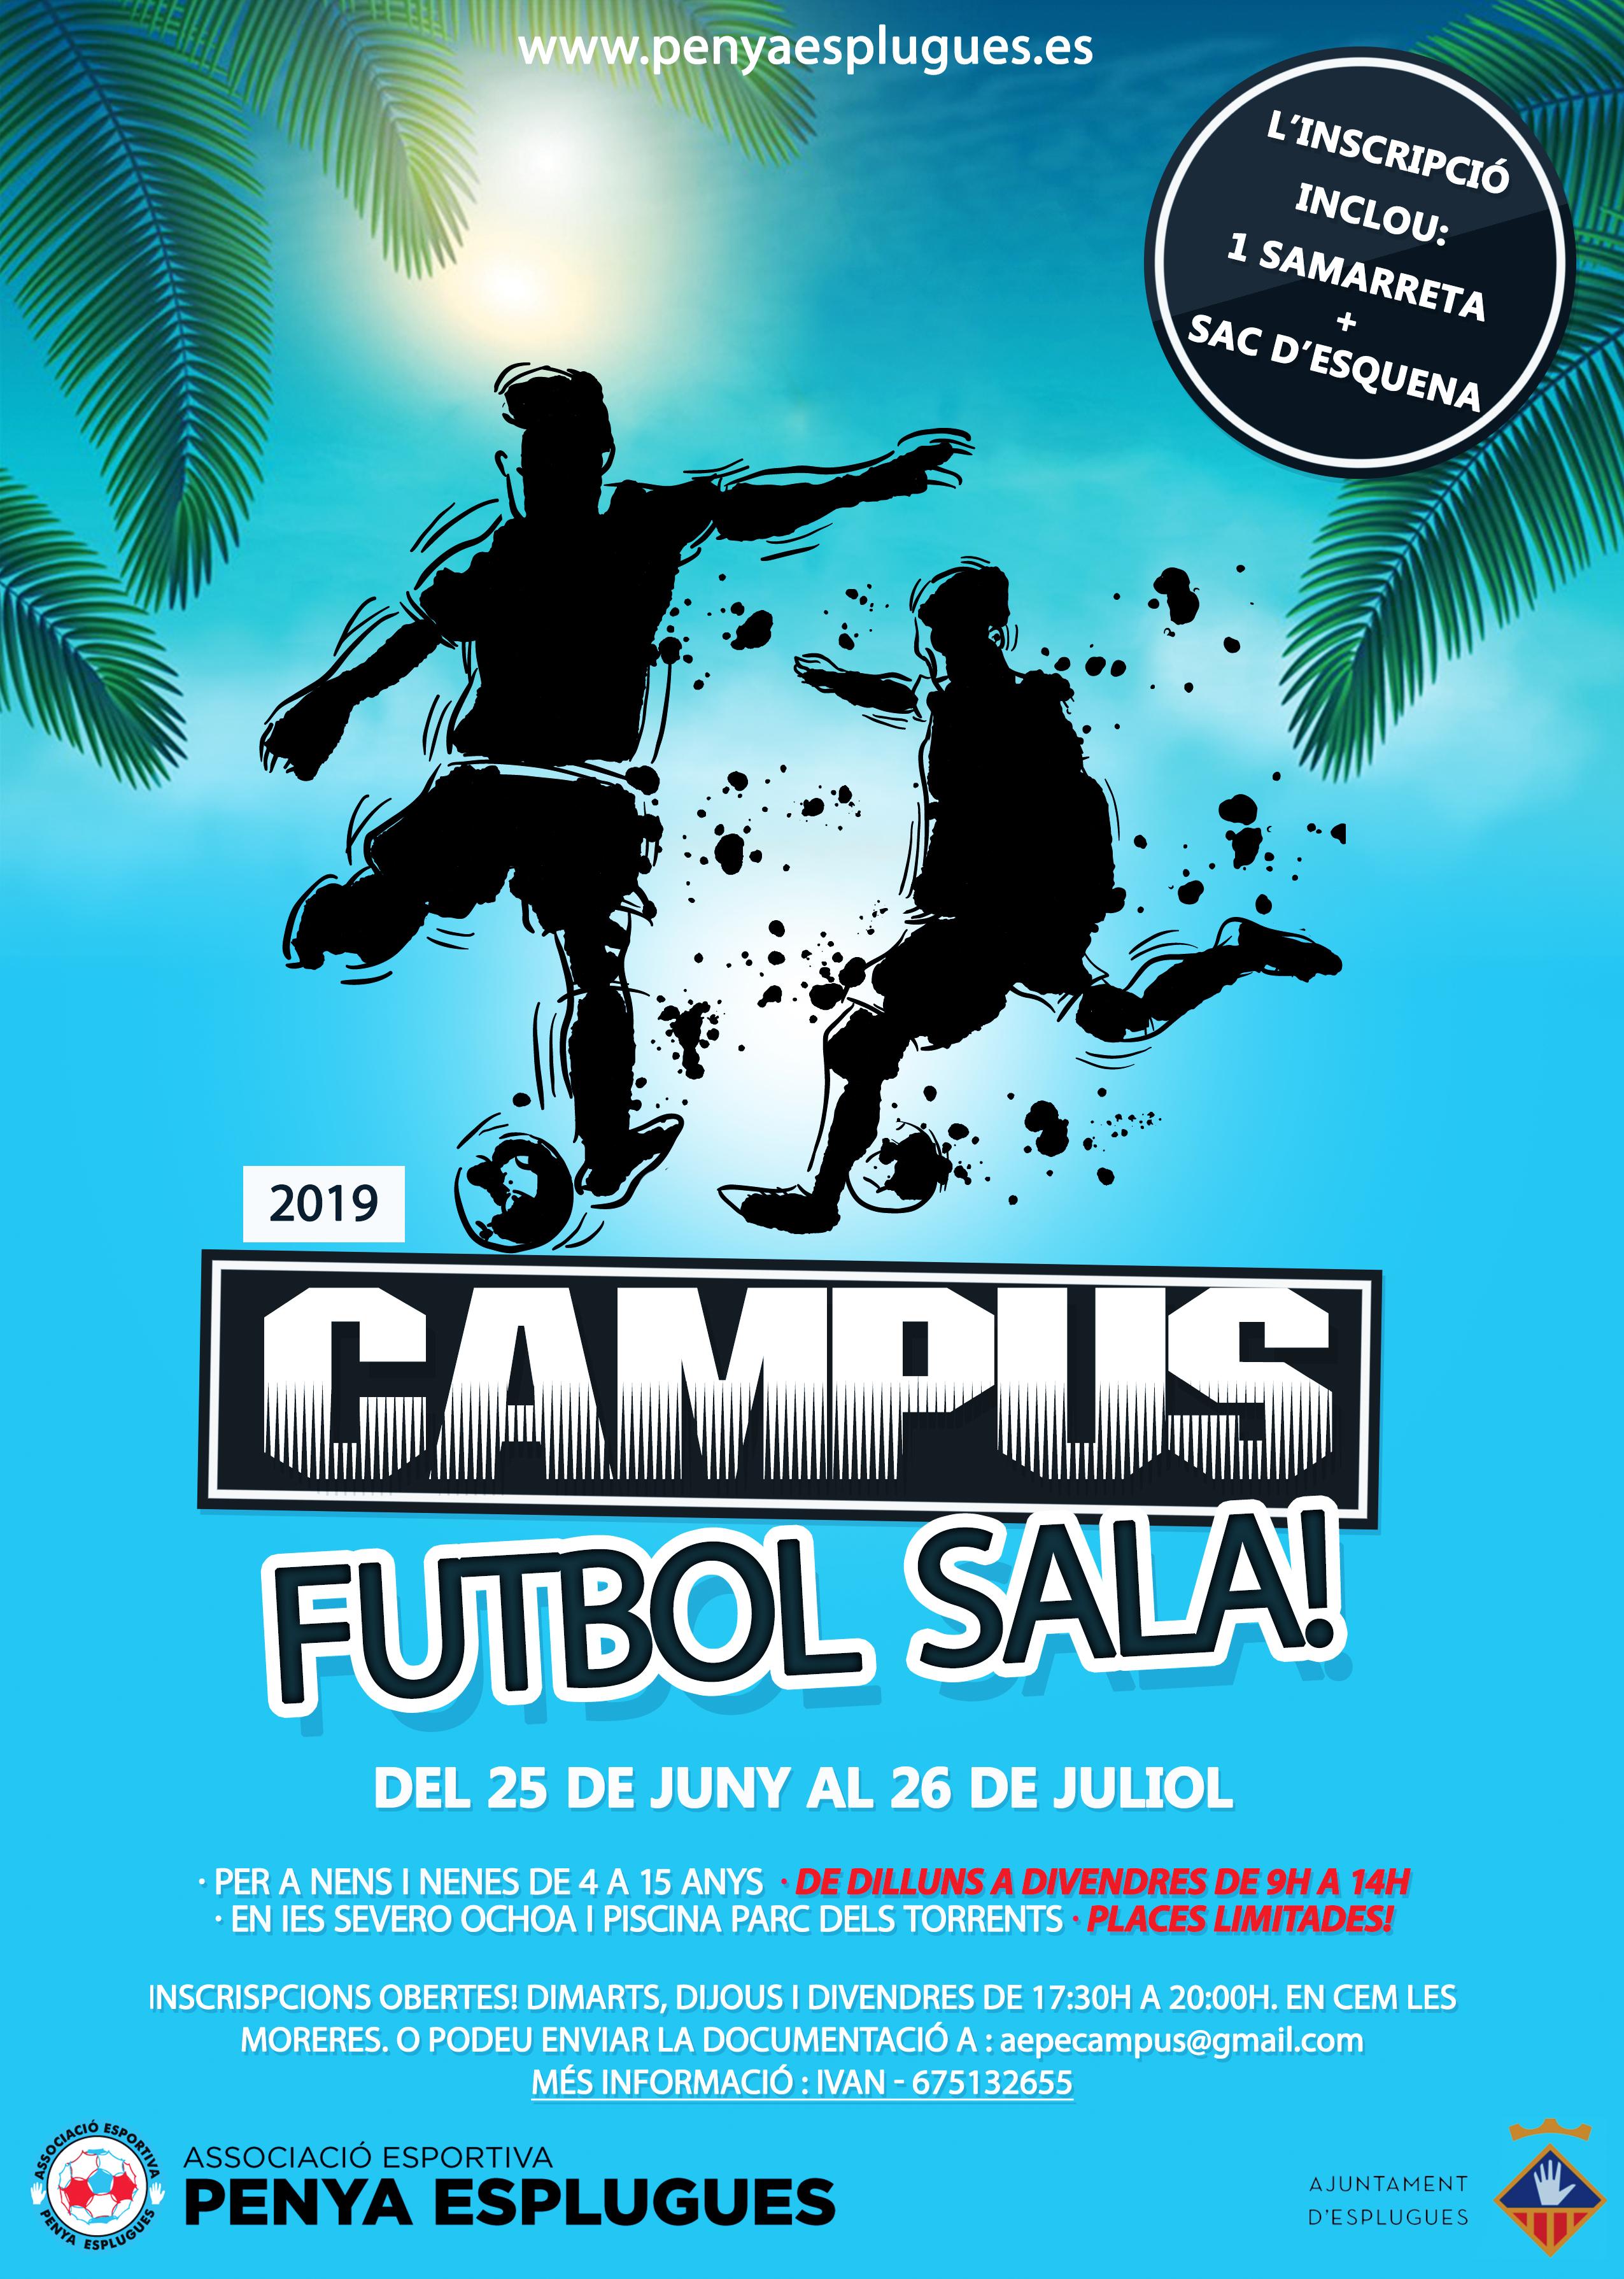 Campus d'estiu Futbol Sala de l'AEPE || Campus de verano de Fútbol Sala de la AEPE